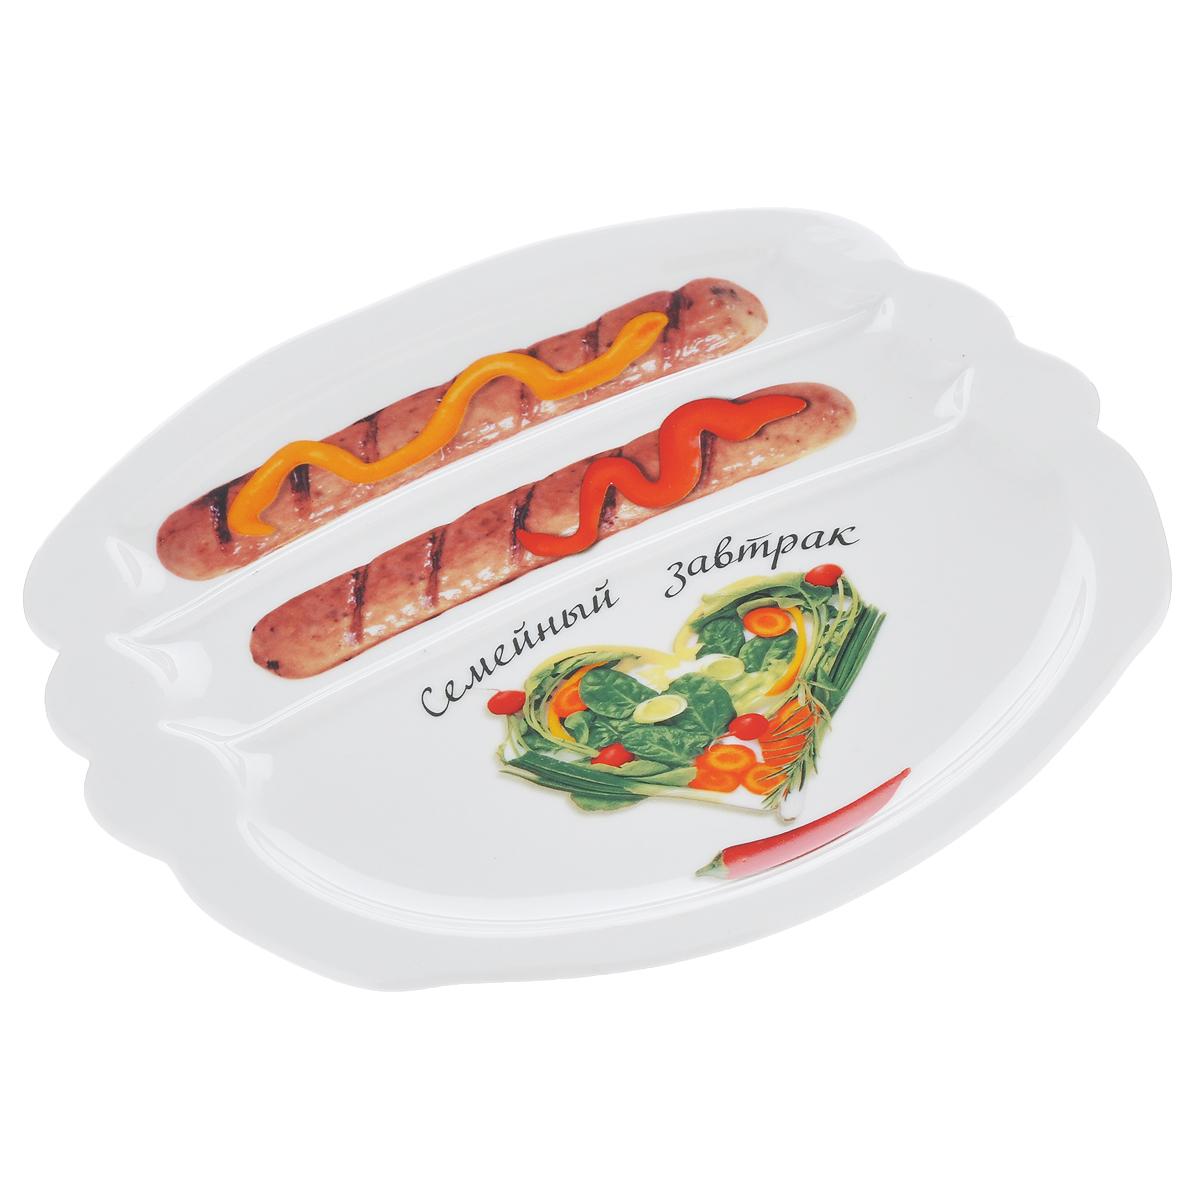 Тарелка для завтрака LarangE Семейный завтрак. Сердечный, 22,5 х 19 см589-306Тарелка для завтрака LarangE Семейный завтрак. Сердечный изготовлена из высококачественной керамики. Изделие украшено изображением сердца из еды. Тарелка имеет три отделения: 2 маленьких отделения для сосисок и одно большое отделение для яичницы или другого блюда. Можно использовать в СВЧ печах, духовом шкафу и холодильнике. Не применять абразивные чистящие вещества. Размер тарелки: 22,5 см х 19 см. Высота тарелки: 2 см.